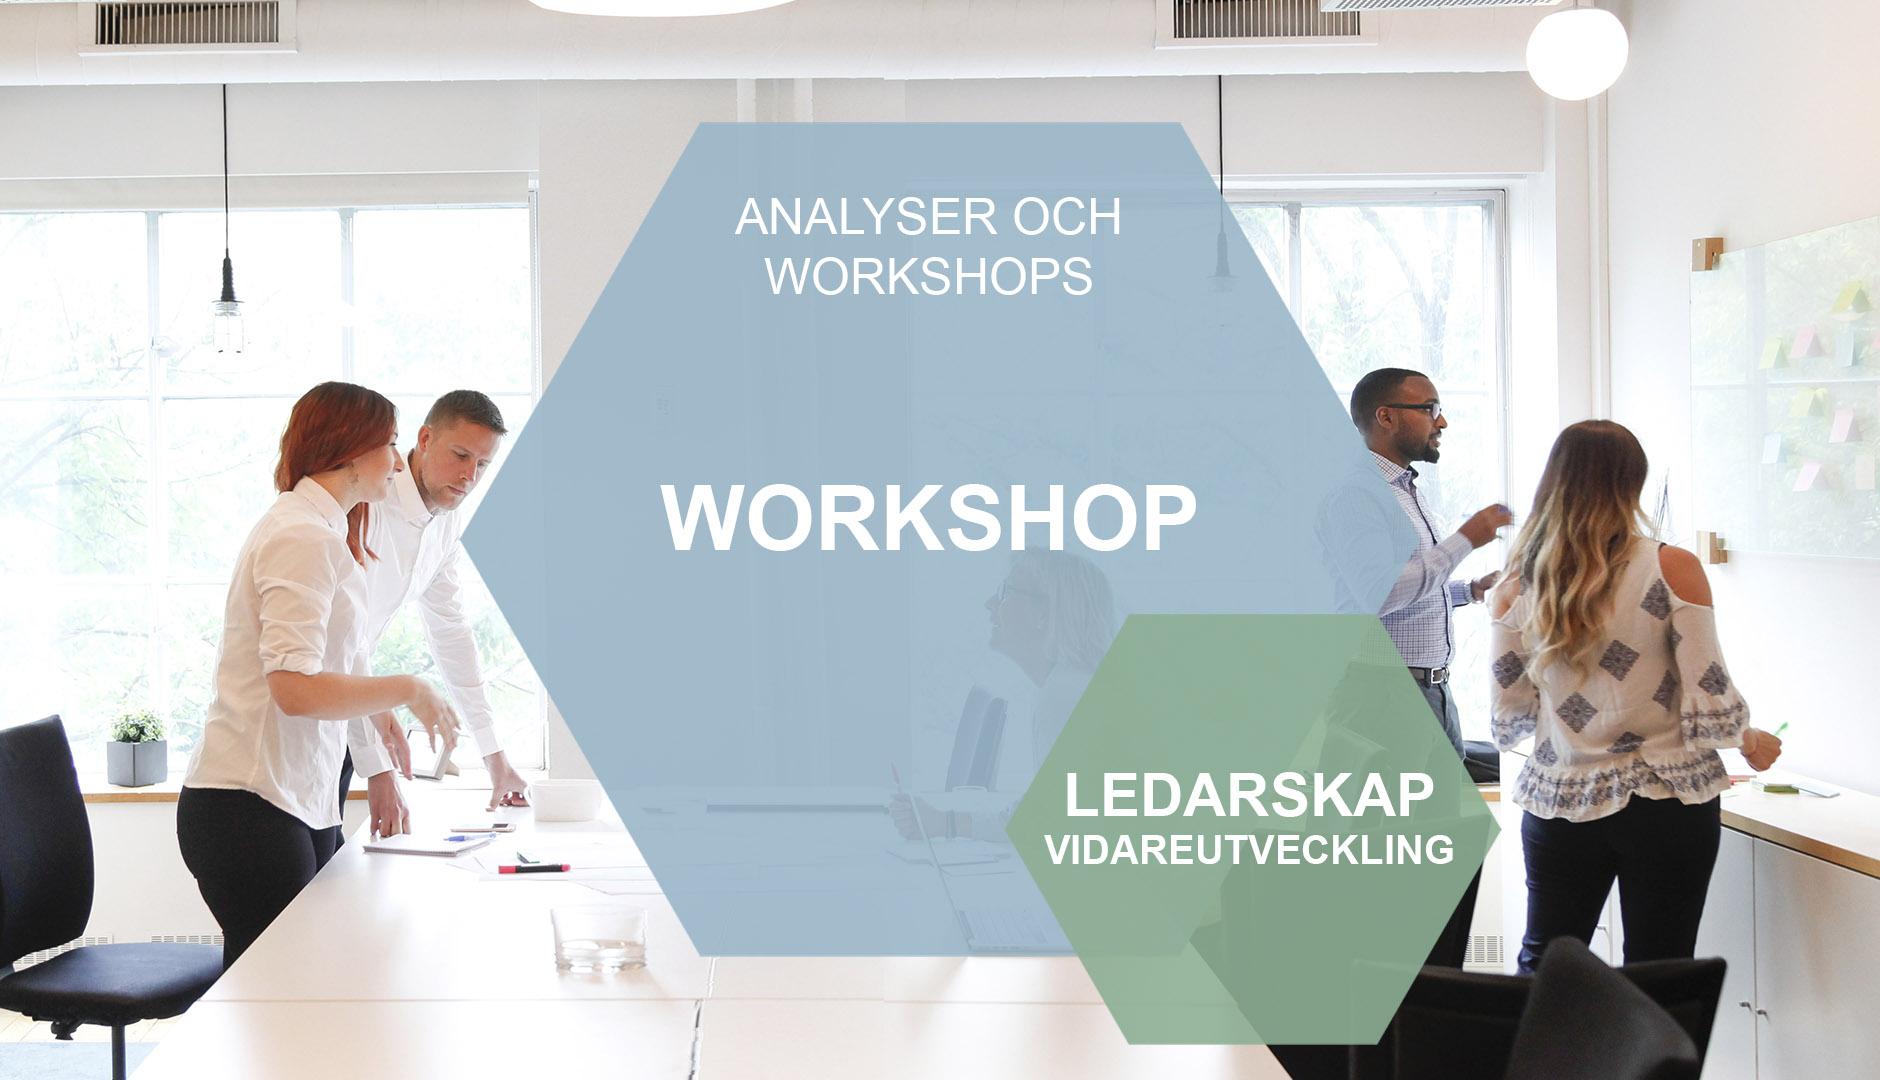 Ledarskap vidareutveckling i hexagon mot bakgrund av människor i workshop